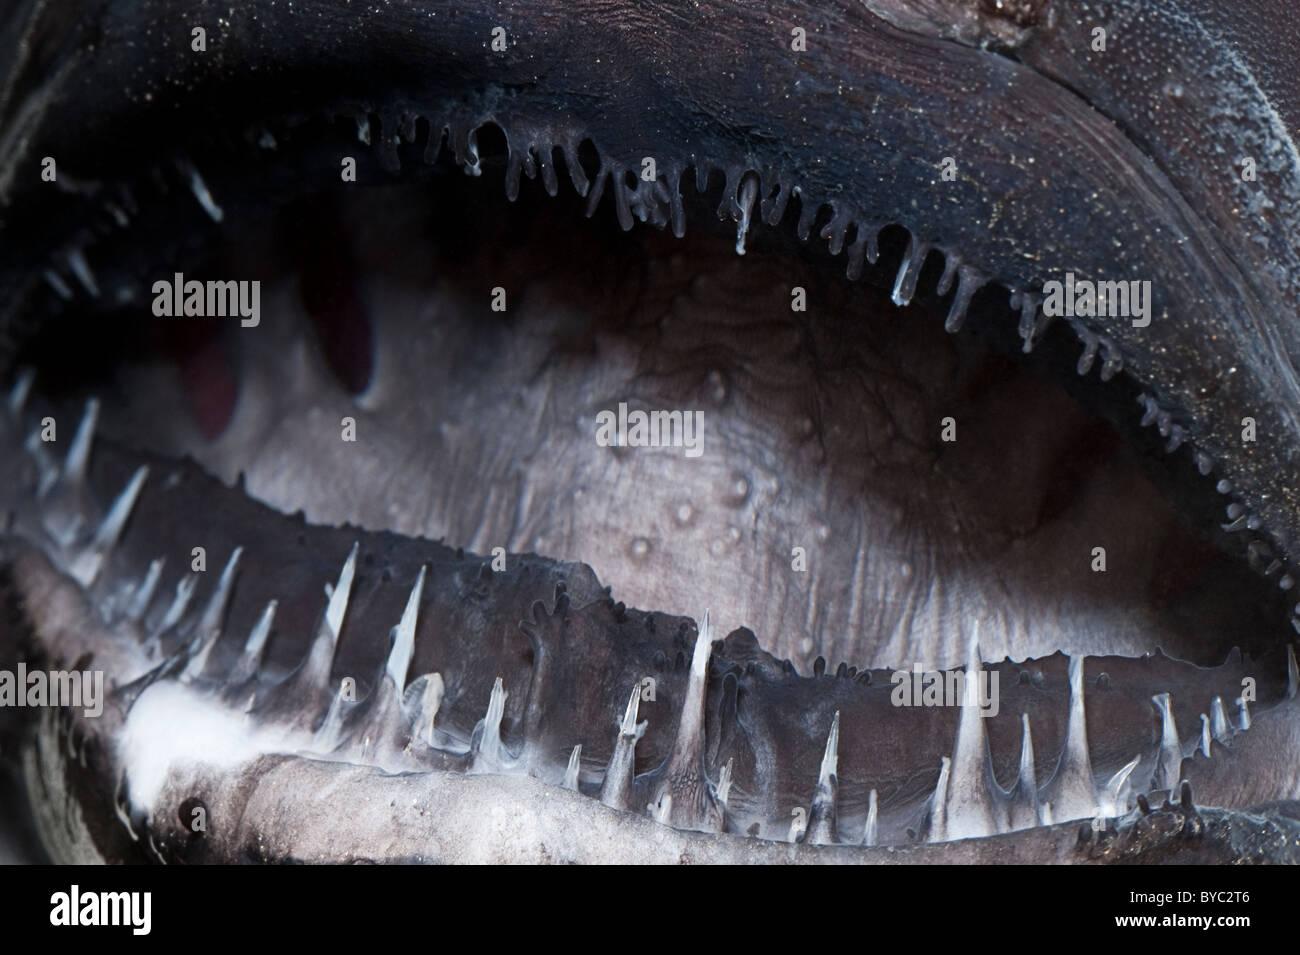 teeth of deep sea anglerfish or black seadevil, Diceratias pileatus, Hawaii - Stock Image